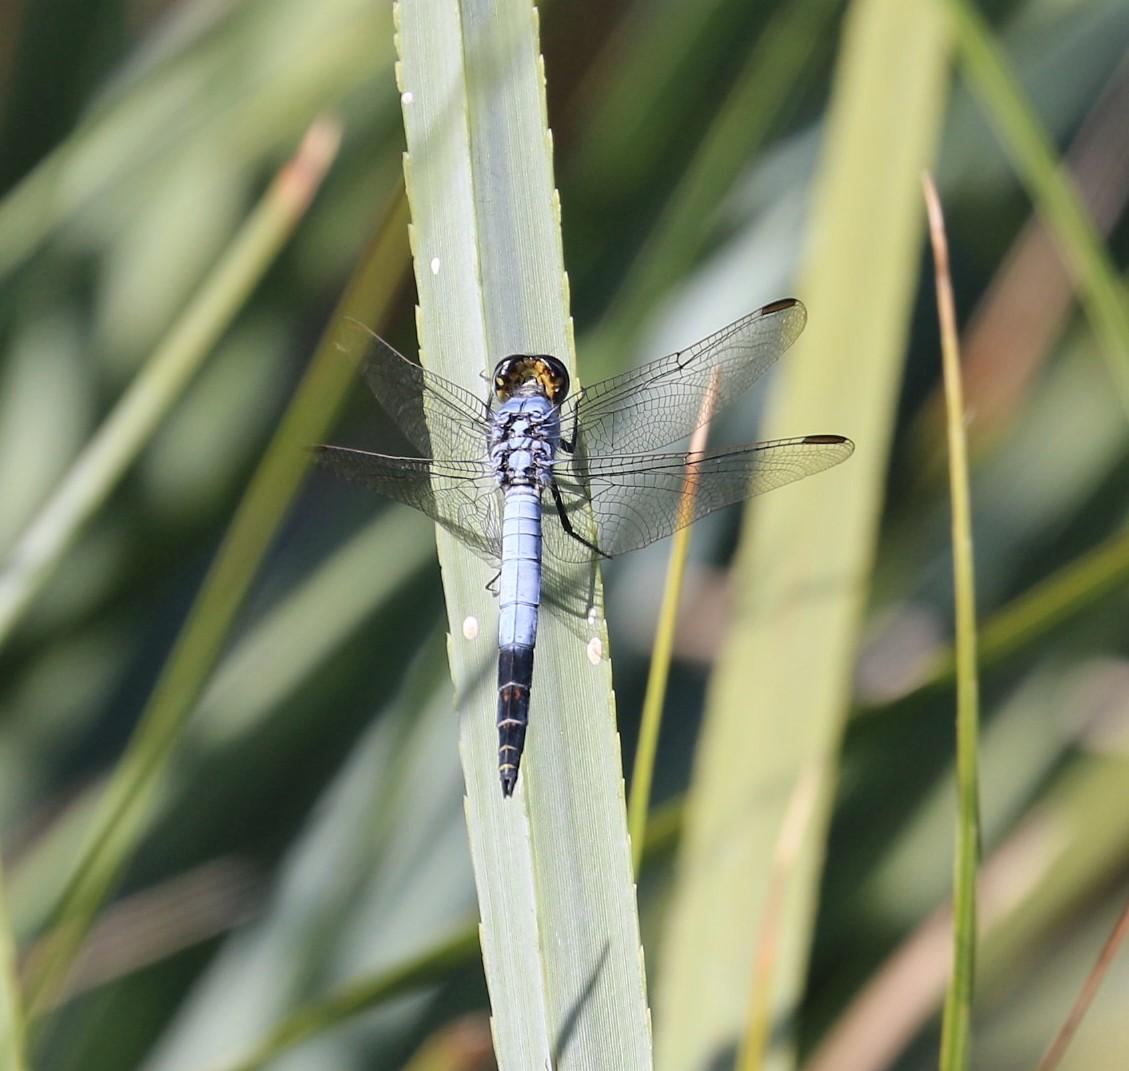 Nesciothemis farinosa. Eastern Blacktail.